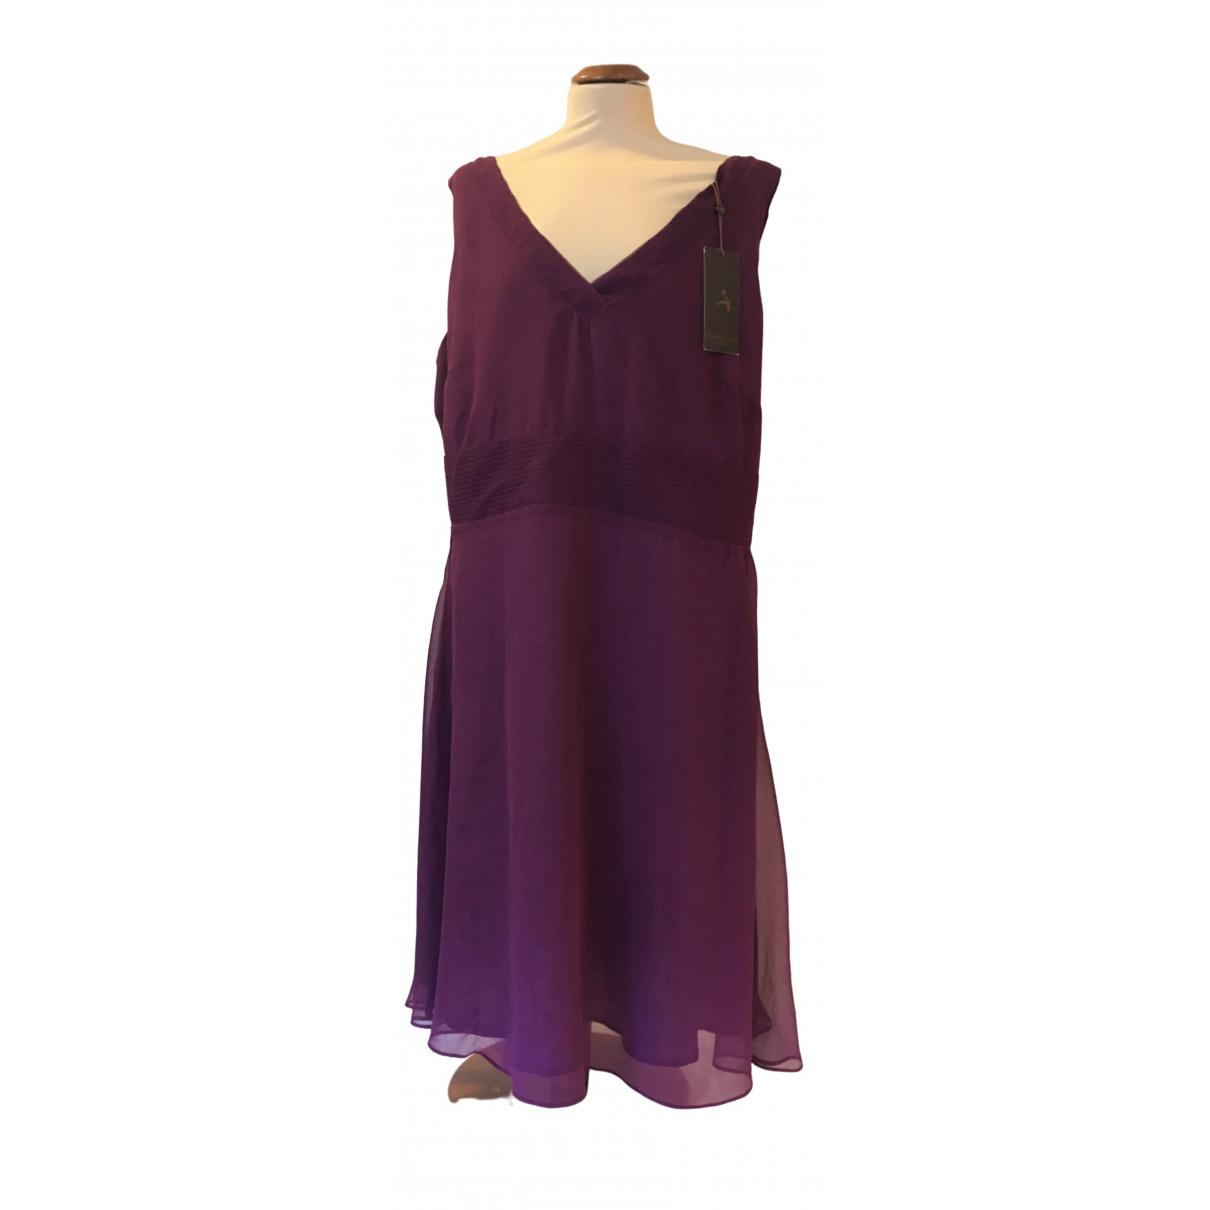 S Oliver \N Kleid in  Lila Baumwolle